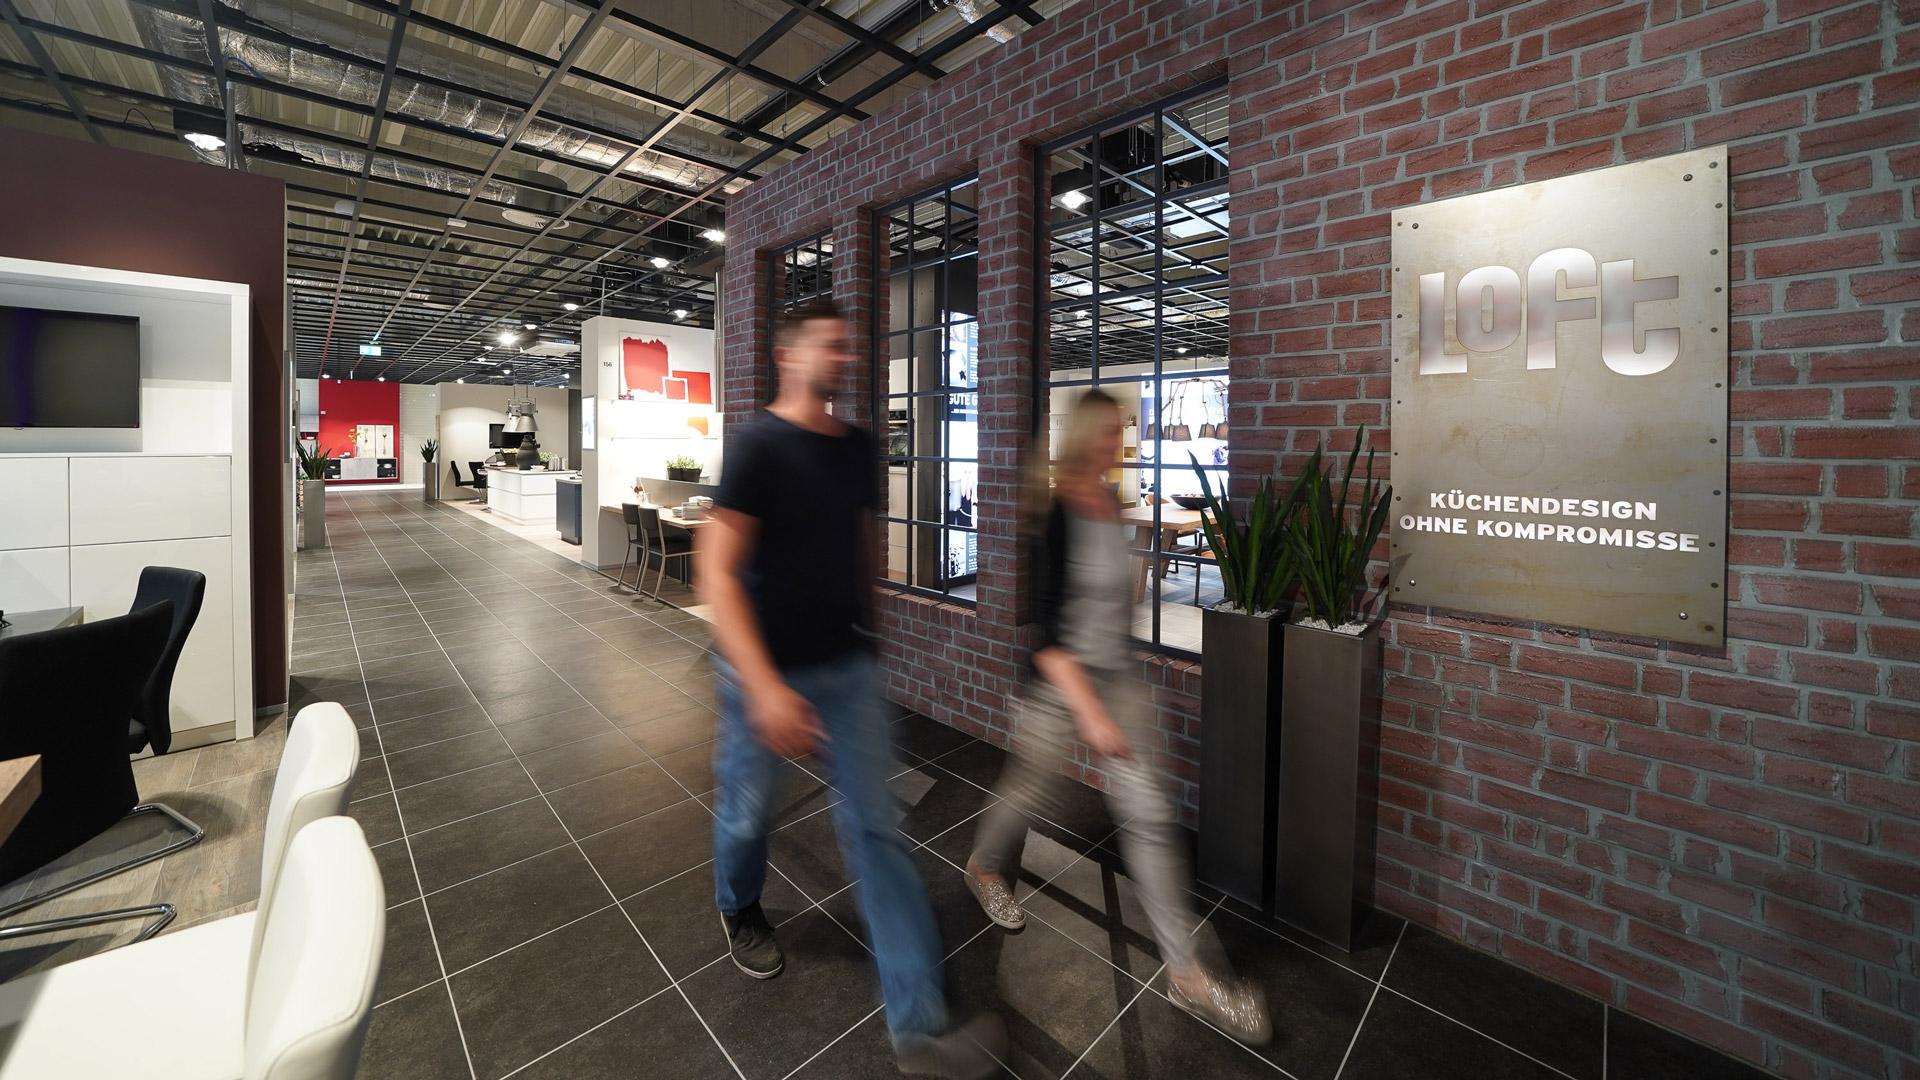 Full Size of Küchen Aktuell Kchen Halstenbek Adresse Kchenstudio Bornheim Regal Wohnzimmer Küchen Aktuell